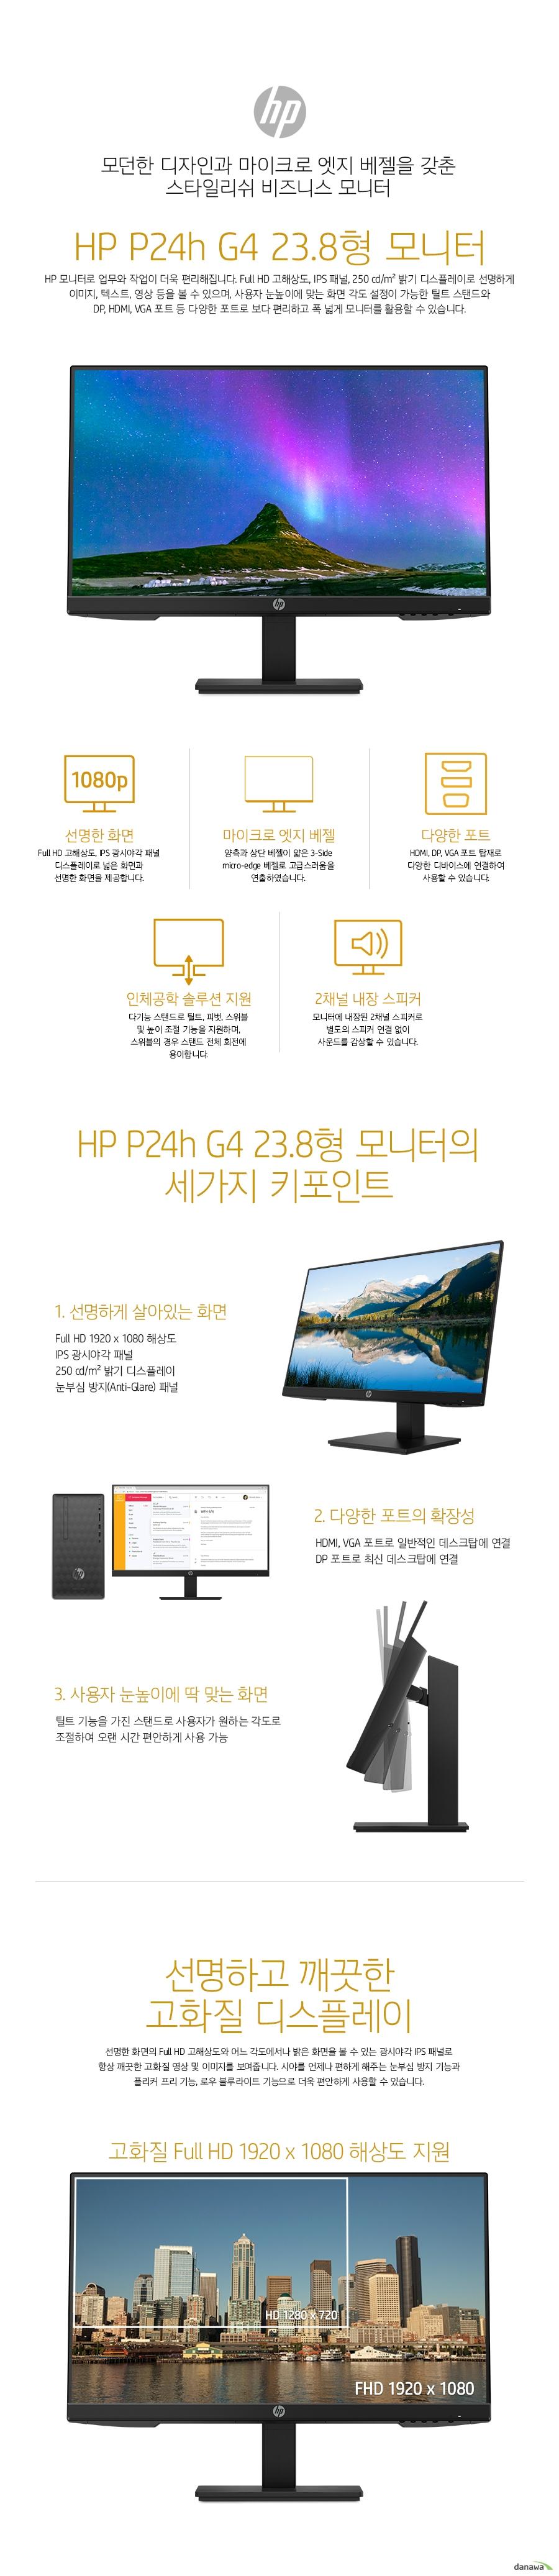 모던한 디자인과 마이크로 엣지 베젤을 갖춘 스타일리쉬 비즈니스 모니터 HP P24h G4 23.8형 모니터 HP 모니터로 업무와 작업이 더욱 편리해집니다. Full HD 고해상도, IPS 패널, 250 cd/m² 밝기 디스플레이로 선명하게 이미지, 텍스트, 영상 등을 볼 수 있으며, 사용자 눈높이에 맞는 화면 각도 설정이 가능한 틸트 스탠드와  DP, HDMI, VGA 포트 등 다양한 포트로 보다 편리하고 폭 넓게 모니터를 활용할 수 있습니다.     선명한 화면의 Full HD 고해상도와 어느 각도에서나 밝은 화면을 볼 수 있는 광시야각 IPS 패널로 항상 깨끗한 고화질 영상 및 이미지를 보여줍니다. 시야를 언제나 편하게 해주는 눈부심 방지 기능과 플리커 프리 기능, 로우 블루라이트 기능으로 더욱 편안하게 사용할 수 있습니다.    광시야각 IPS 패널을 적용하여, 어느 각도에서 모니터를 보아도 밝기, 컬러의 변함이 없이 동일한 화면을 볼 수 있습니다. 상하좌우 178도의 넓은 시야각으로 여러 사람이 동시에 화면을 봐야하는 사무실 업무 환경에서 매우 편리합니다.   눈부심 방지 디스플레이 (Anti-Glare) 적용으로 외부 빛의 반사를 줄였습니다. 화면 반사로 인한 눈의 피로감을 줄여주며 시야를 항상 편하게 해줍니다.    필요에 따라 ON / OFF 할 수 있는 로우 블루라이트 모드를 지원합니다. 눈 건강에 해로운 청색광을 줄여 시력을 보호해줍니다.  트리플 사이드 마이크로 엣지 베젤 디자인으로 양측과 상단 베젤 넓이를 줄여 세련됨과 고급스러움을 연출하였습니다.  모니터에 내장된 2채널 스피커로 별도의 스피커 연결 없이 사운드를 감상할 수 있습니다.   스탠드의 틸트, 피벗, 스위블, 높이조절 기능을 사용하세요. 화면의 각도를 사용자가 원하는대로  자유롭게 조절하여 오랜 시간 동안 불편함 없이 사용할 수 있습니다.      데스크탑에 보편적으로 사용되는 DP, HDMI, VGA 포트가 탑재되어 있어 대부분의 데스크탑에 연결하여 사용할 수 있고, 음성, 영상을 모두 전송하기에 다양한 멀티미디어 장비에 활용 가능합니다.   1,000:1의 높은 명암비(동적명암비 8,000,000:1)로 화면의 밝은 부분은 더욱 밝게, 어두운 부분은 더욱 어둡게 표현하여, 이미지와 영상의 품질을 높여줍니다.   5ms의 빠른 응답속도로 스포츠 등 빠르게 움직이는 화면도 잔상 없이 또렷하게 구현합니다.     100mm VESA 설치 옵션으로 벽에 걸어 설치하거나, 모니터 암을 이용하여 책상 공간을 더욱 넓게 확보할 수 있습니다.